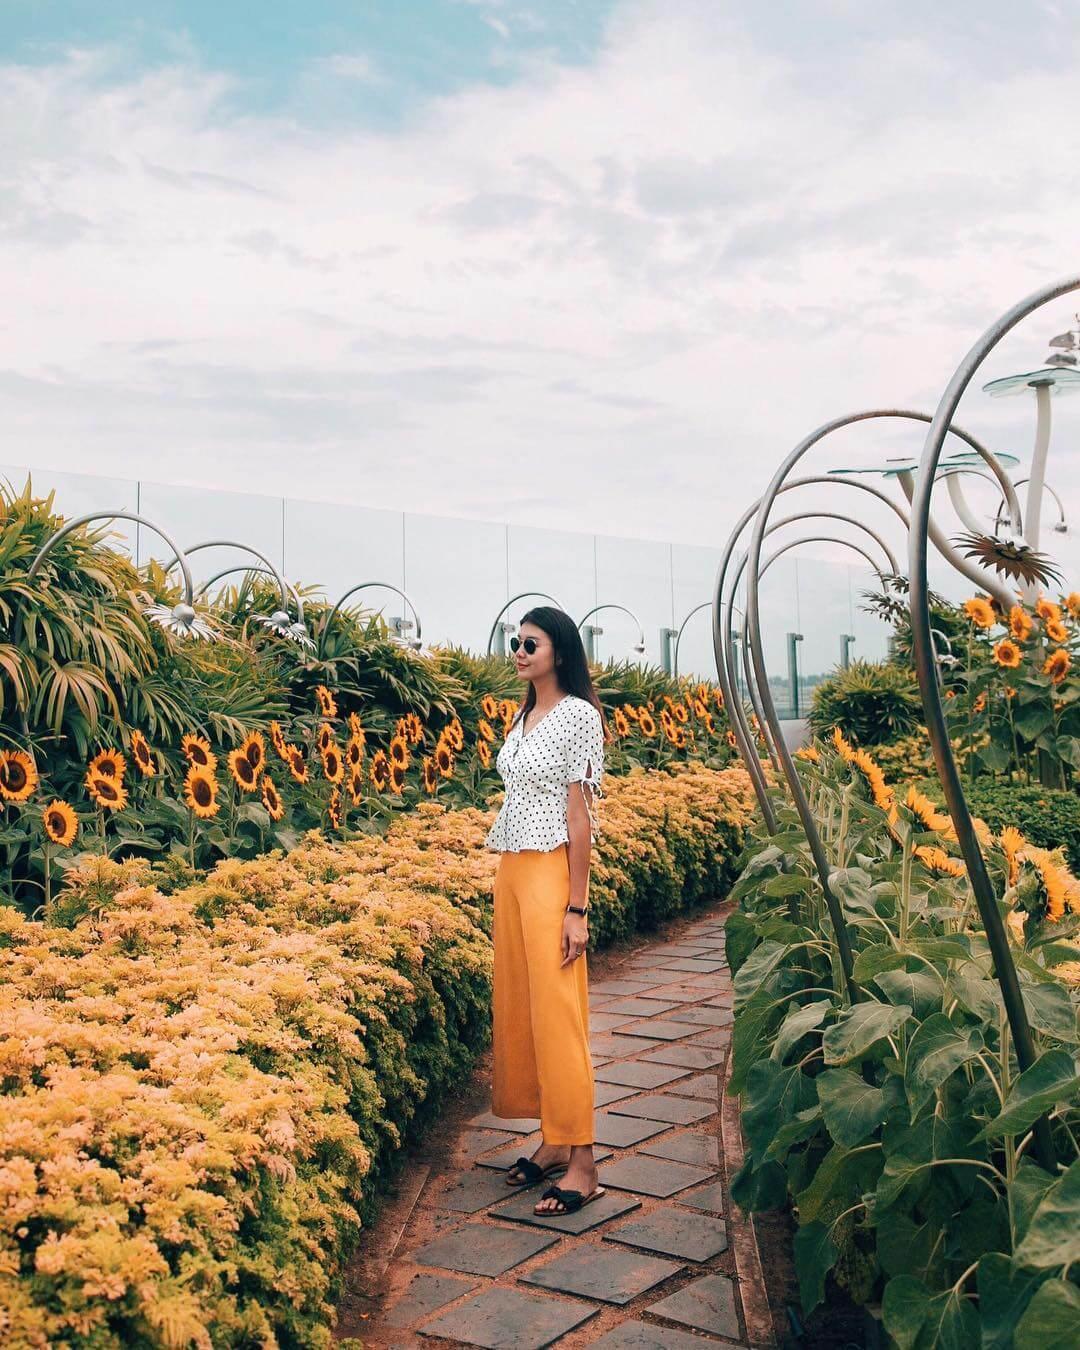 Taman Bunga Matahari di T2 | @amebeverly